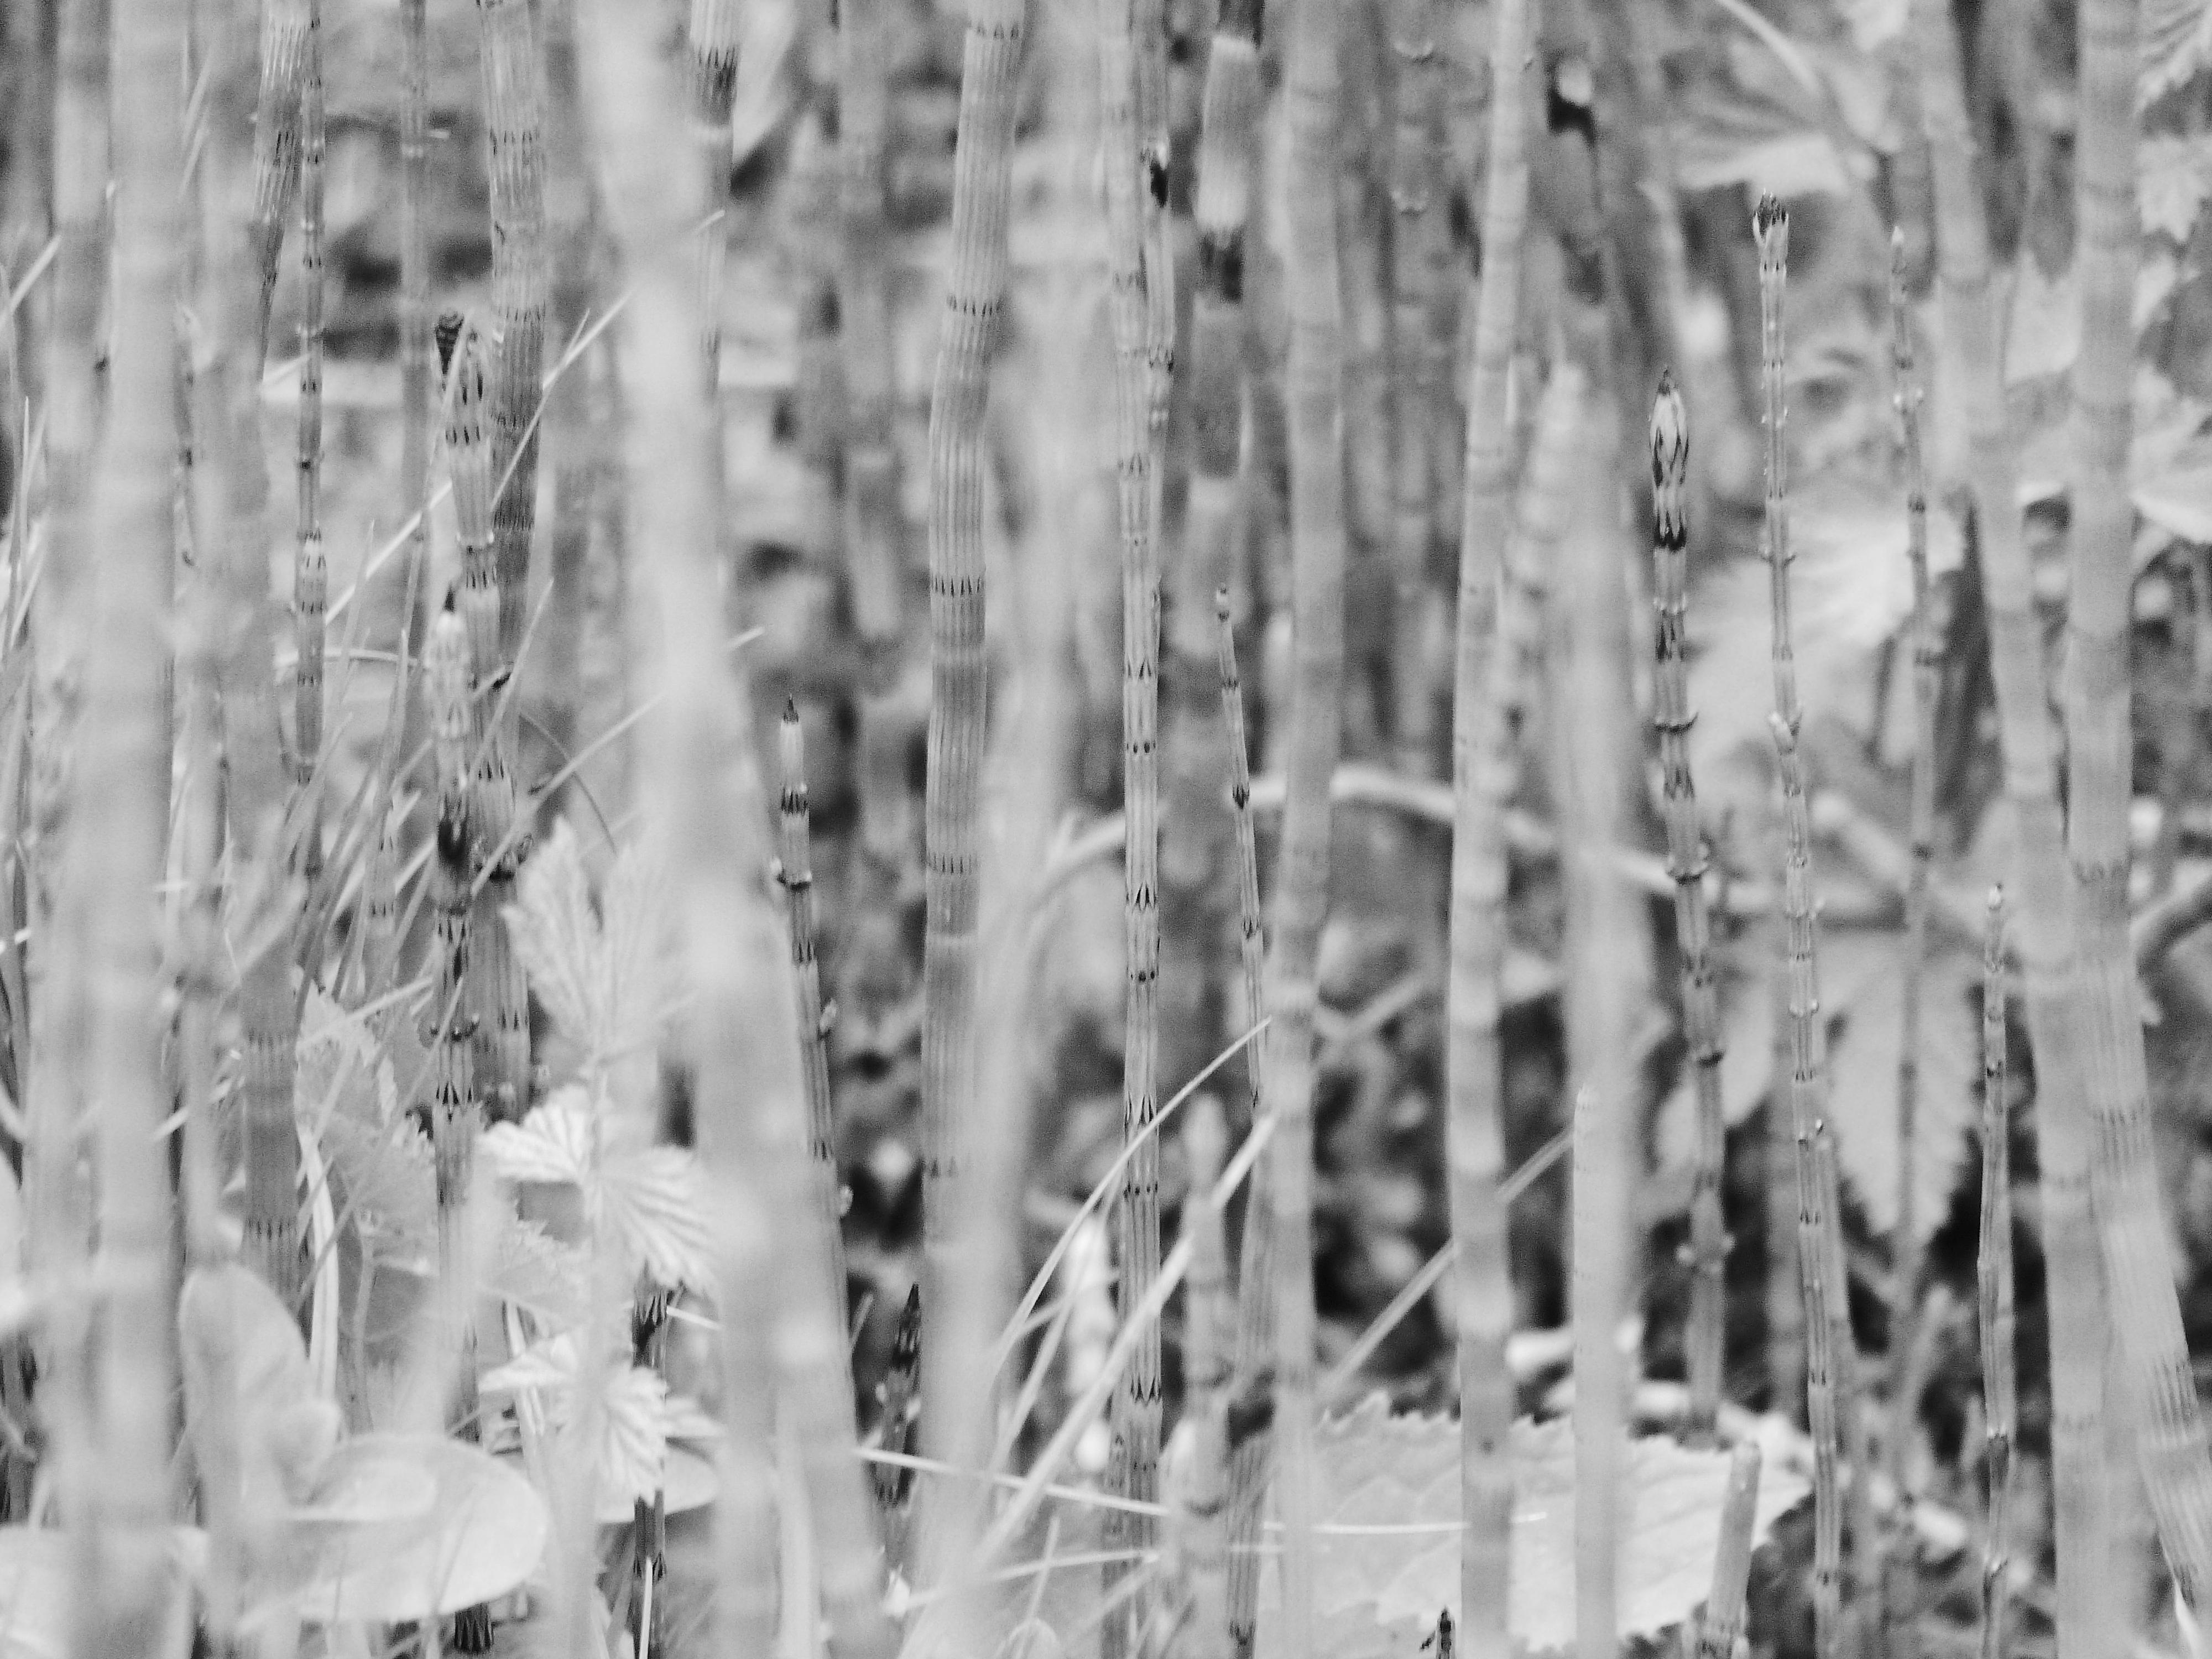 Kinder Zug Spielzeug Kinder Zug Spielzeug Set Batteriebetriebene Motor Zug Set 3 Jahre Alt Und F/ür Kinder Kleinkind Geschenk Motorisierte Action-Z/üge foyar Elektrische Zug Spielzeug